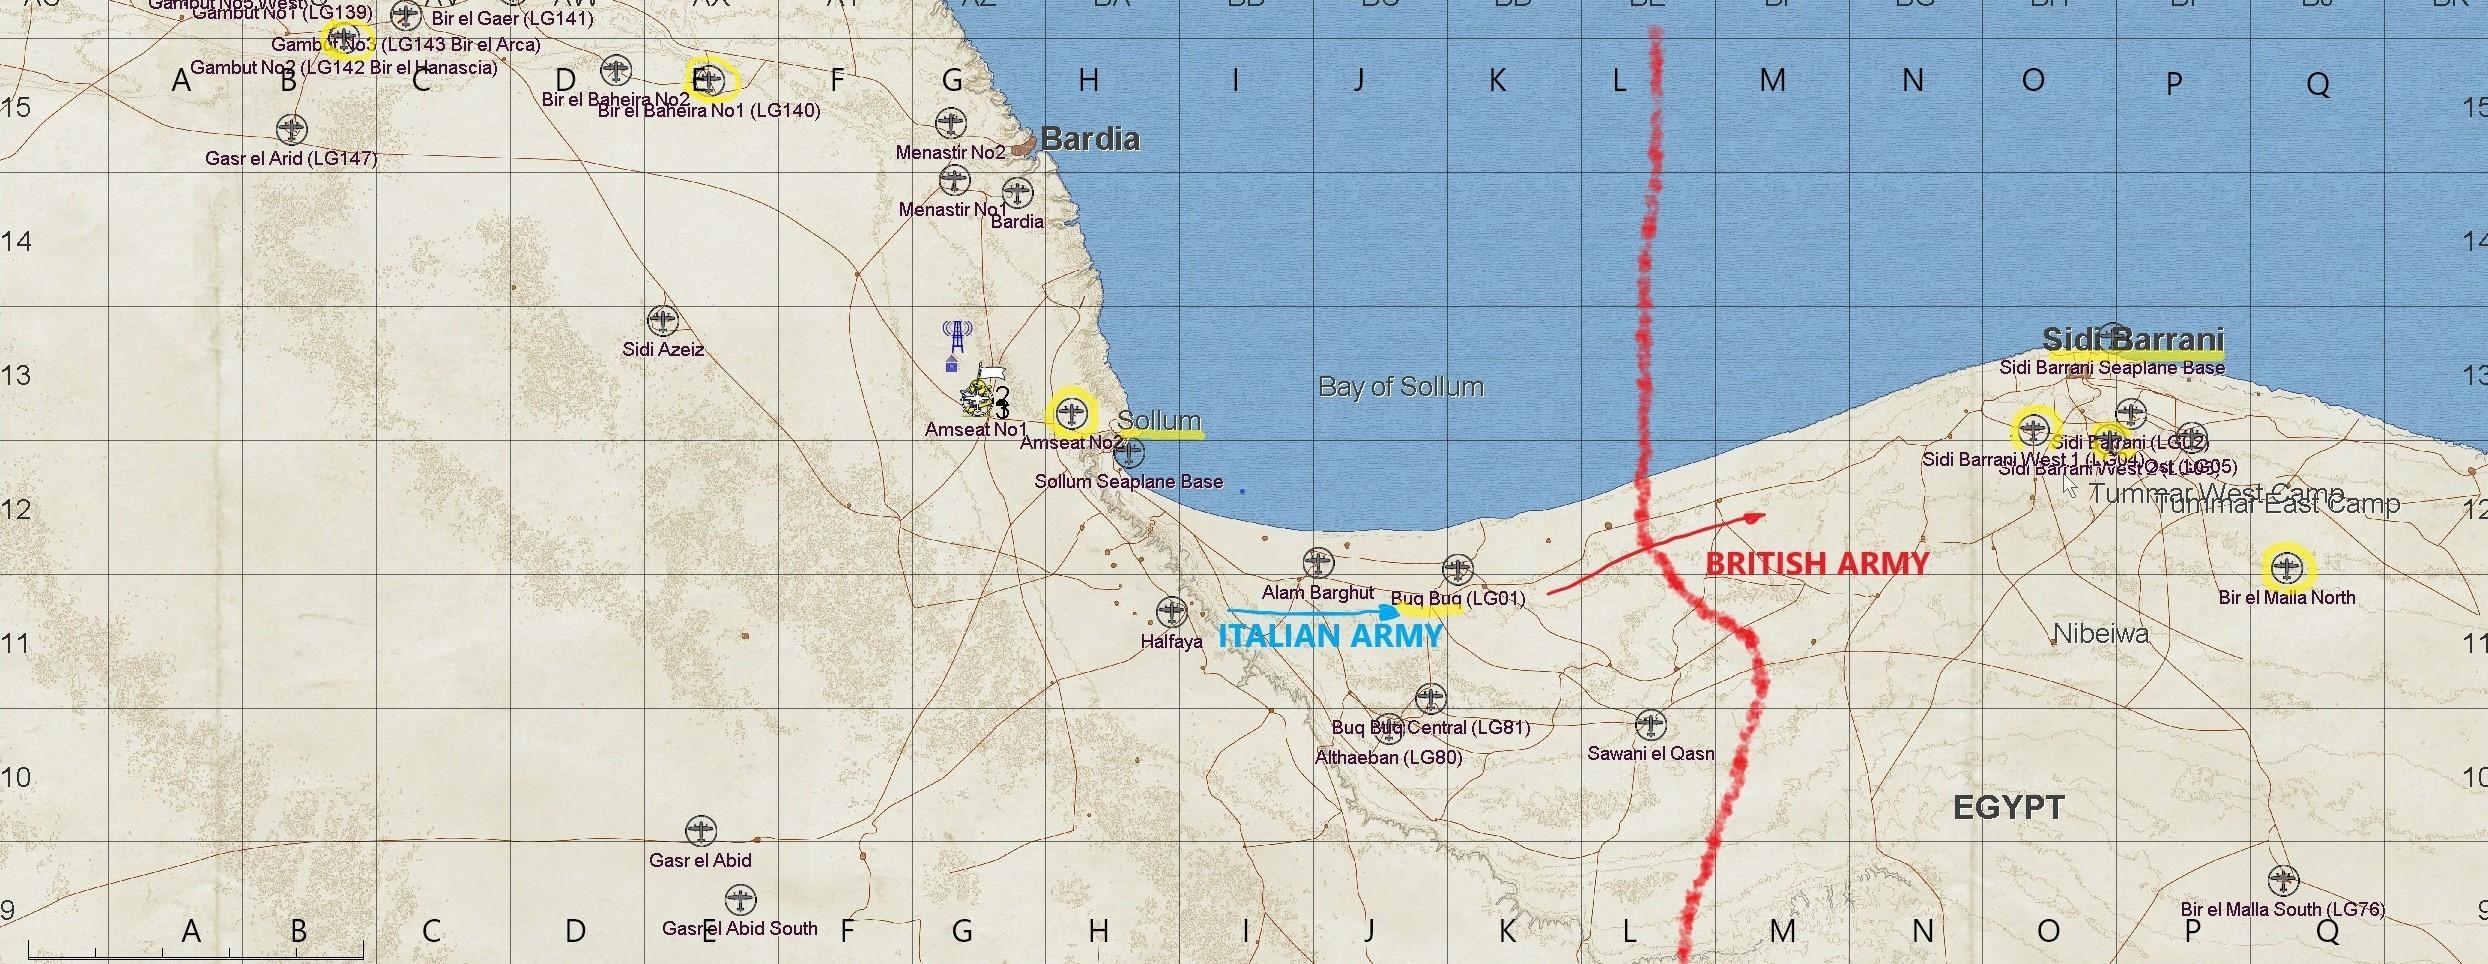 BUQ BUQ MAP.jpg